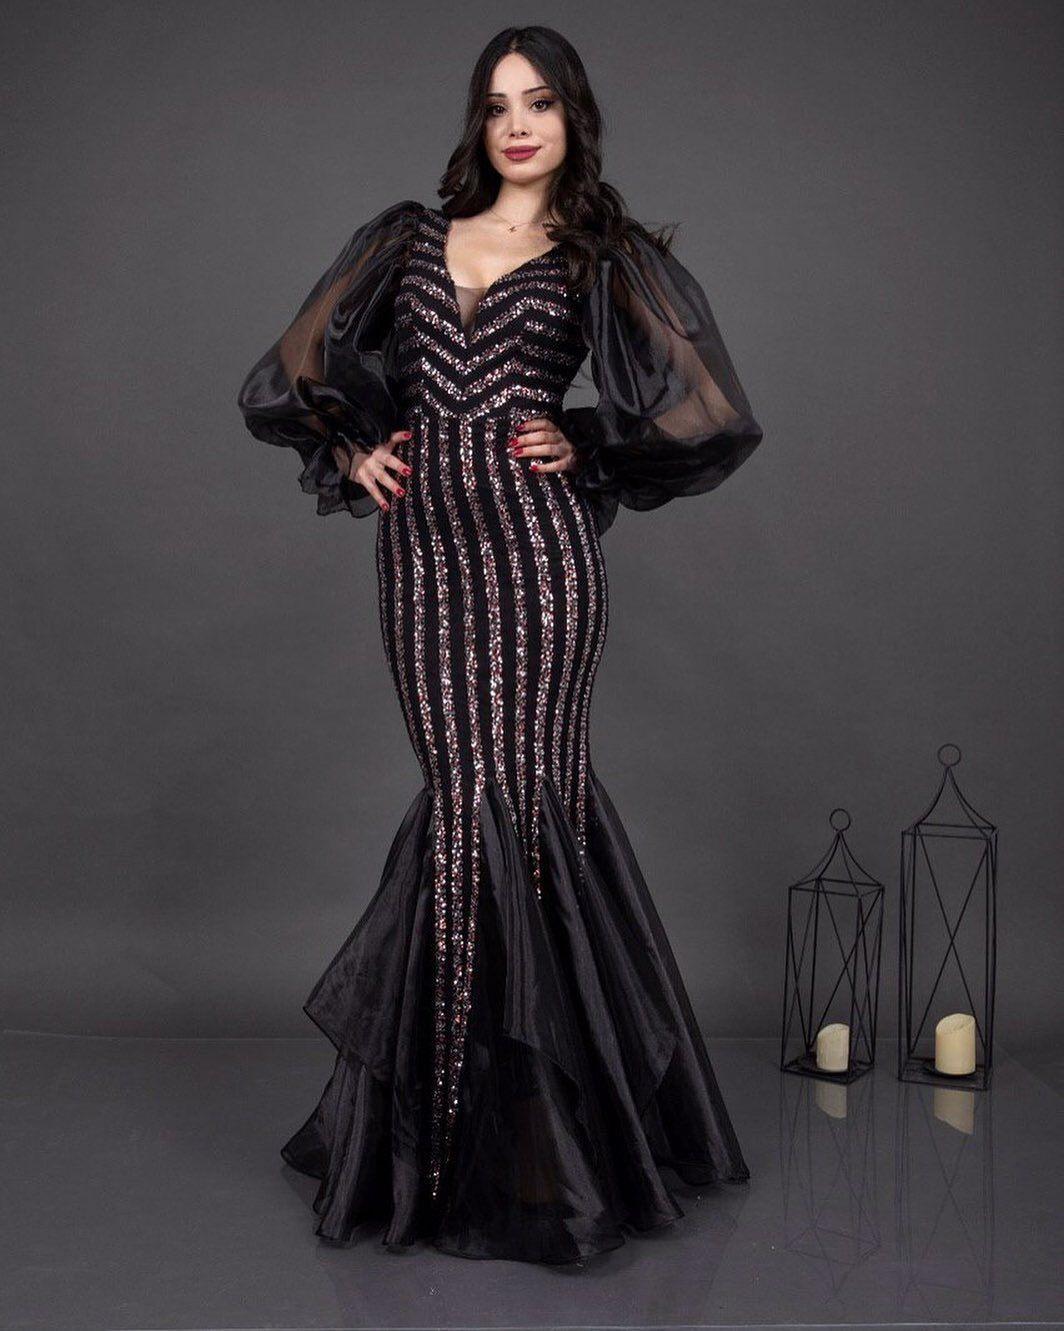 10 Genial Abendkleider Salzburg BoutiqueAbend Kreativ Abendkleider Salzburg Vertrieb